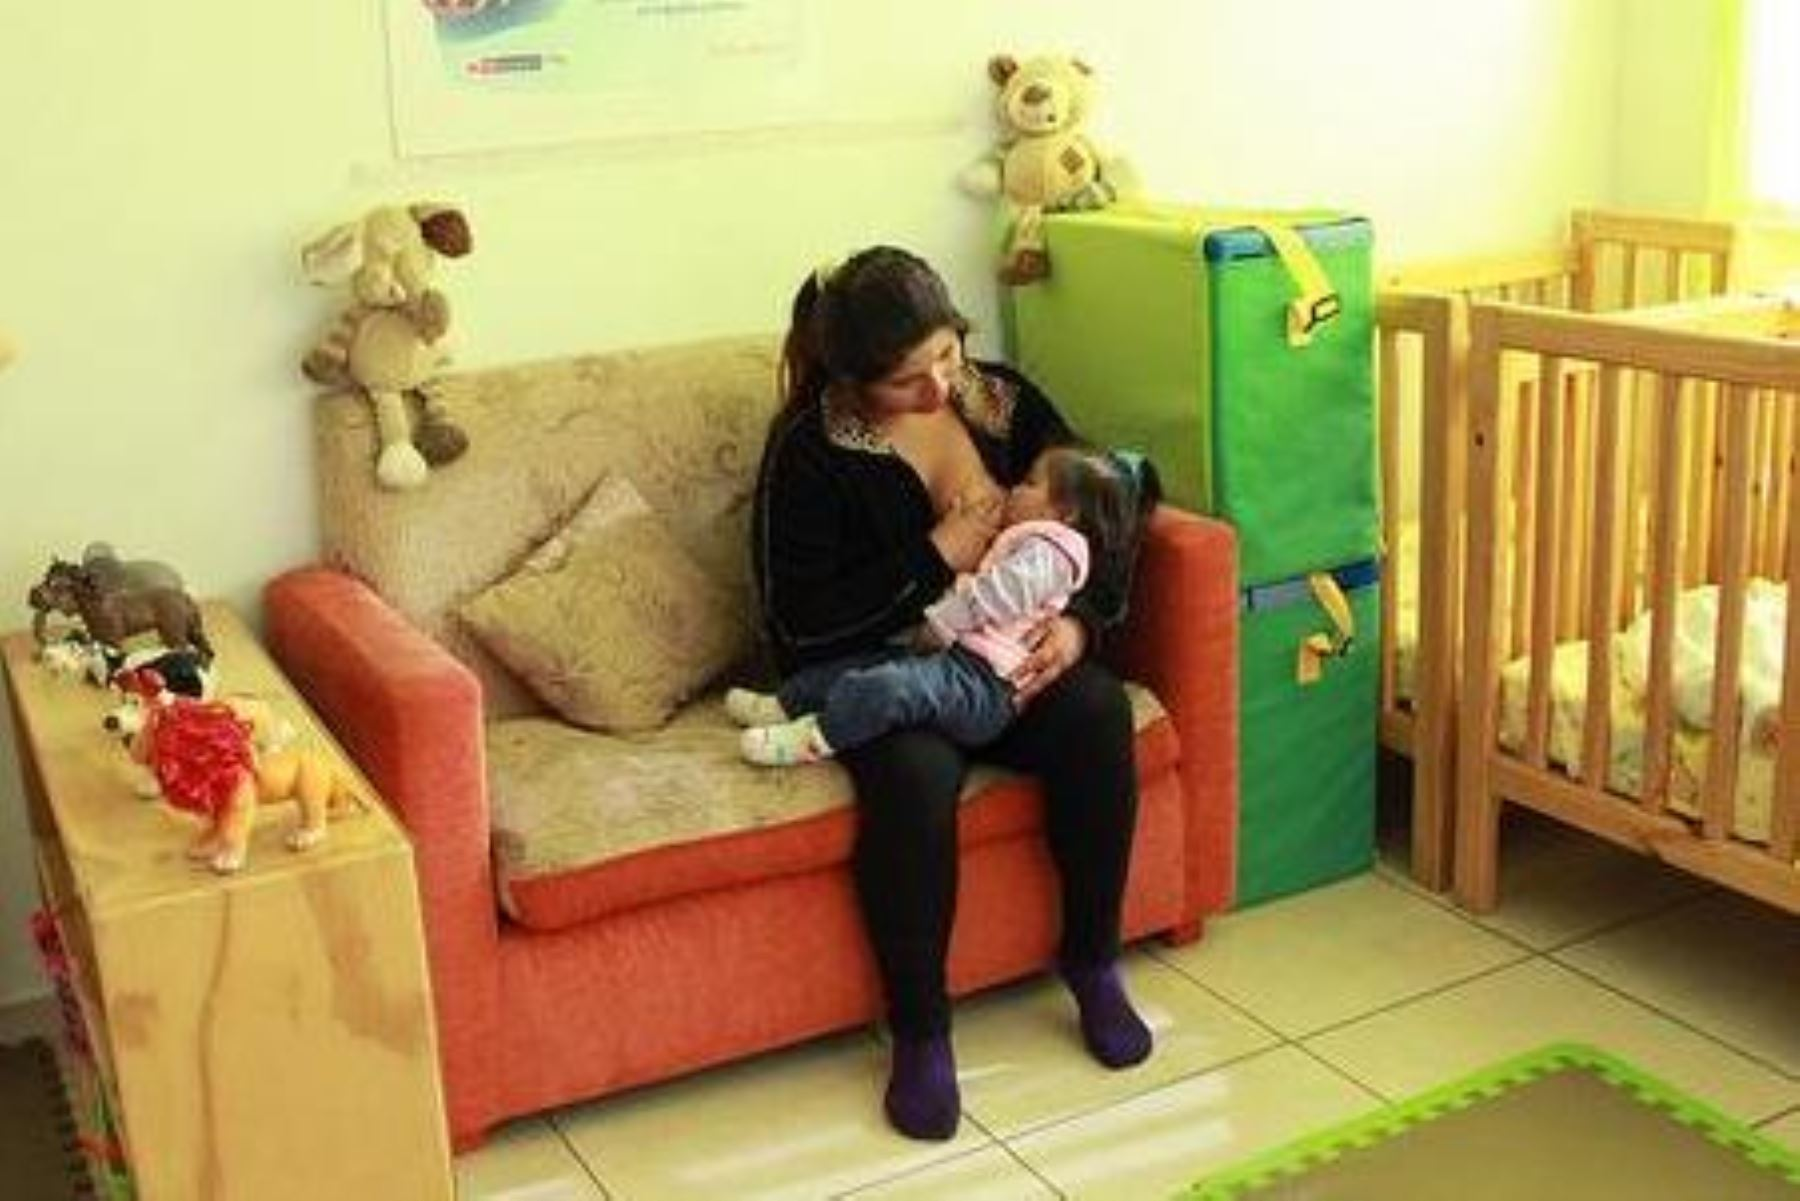 Implementan más de 2 mil espacios de lactancia materna en locales de Cuna Más. Foto: ANDINA/Difusión.